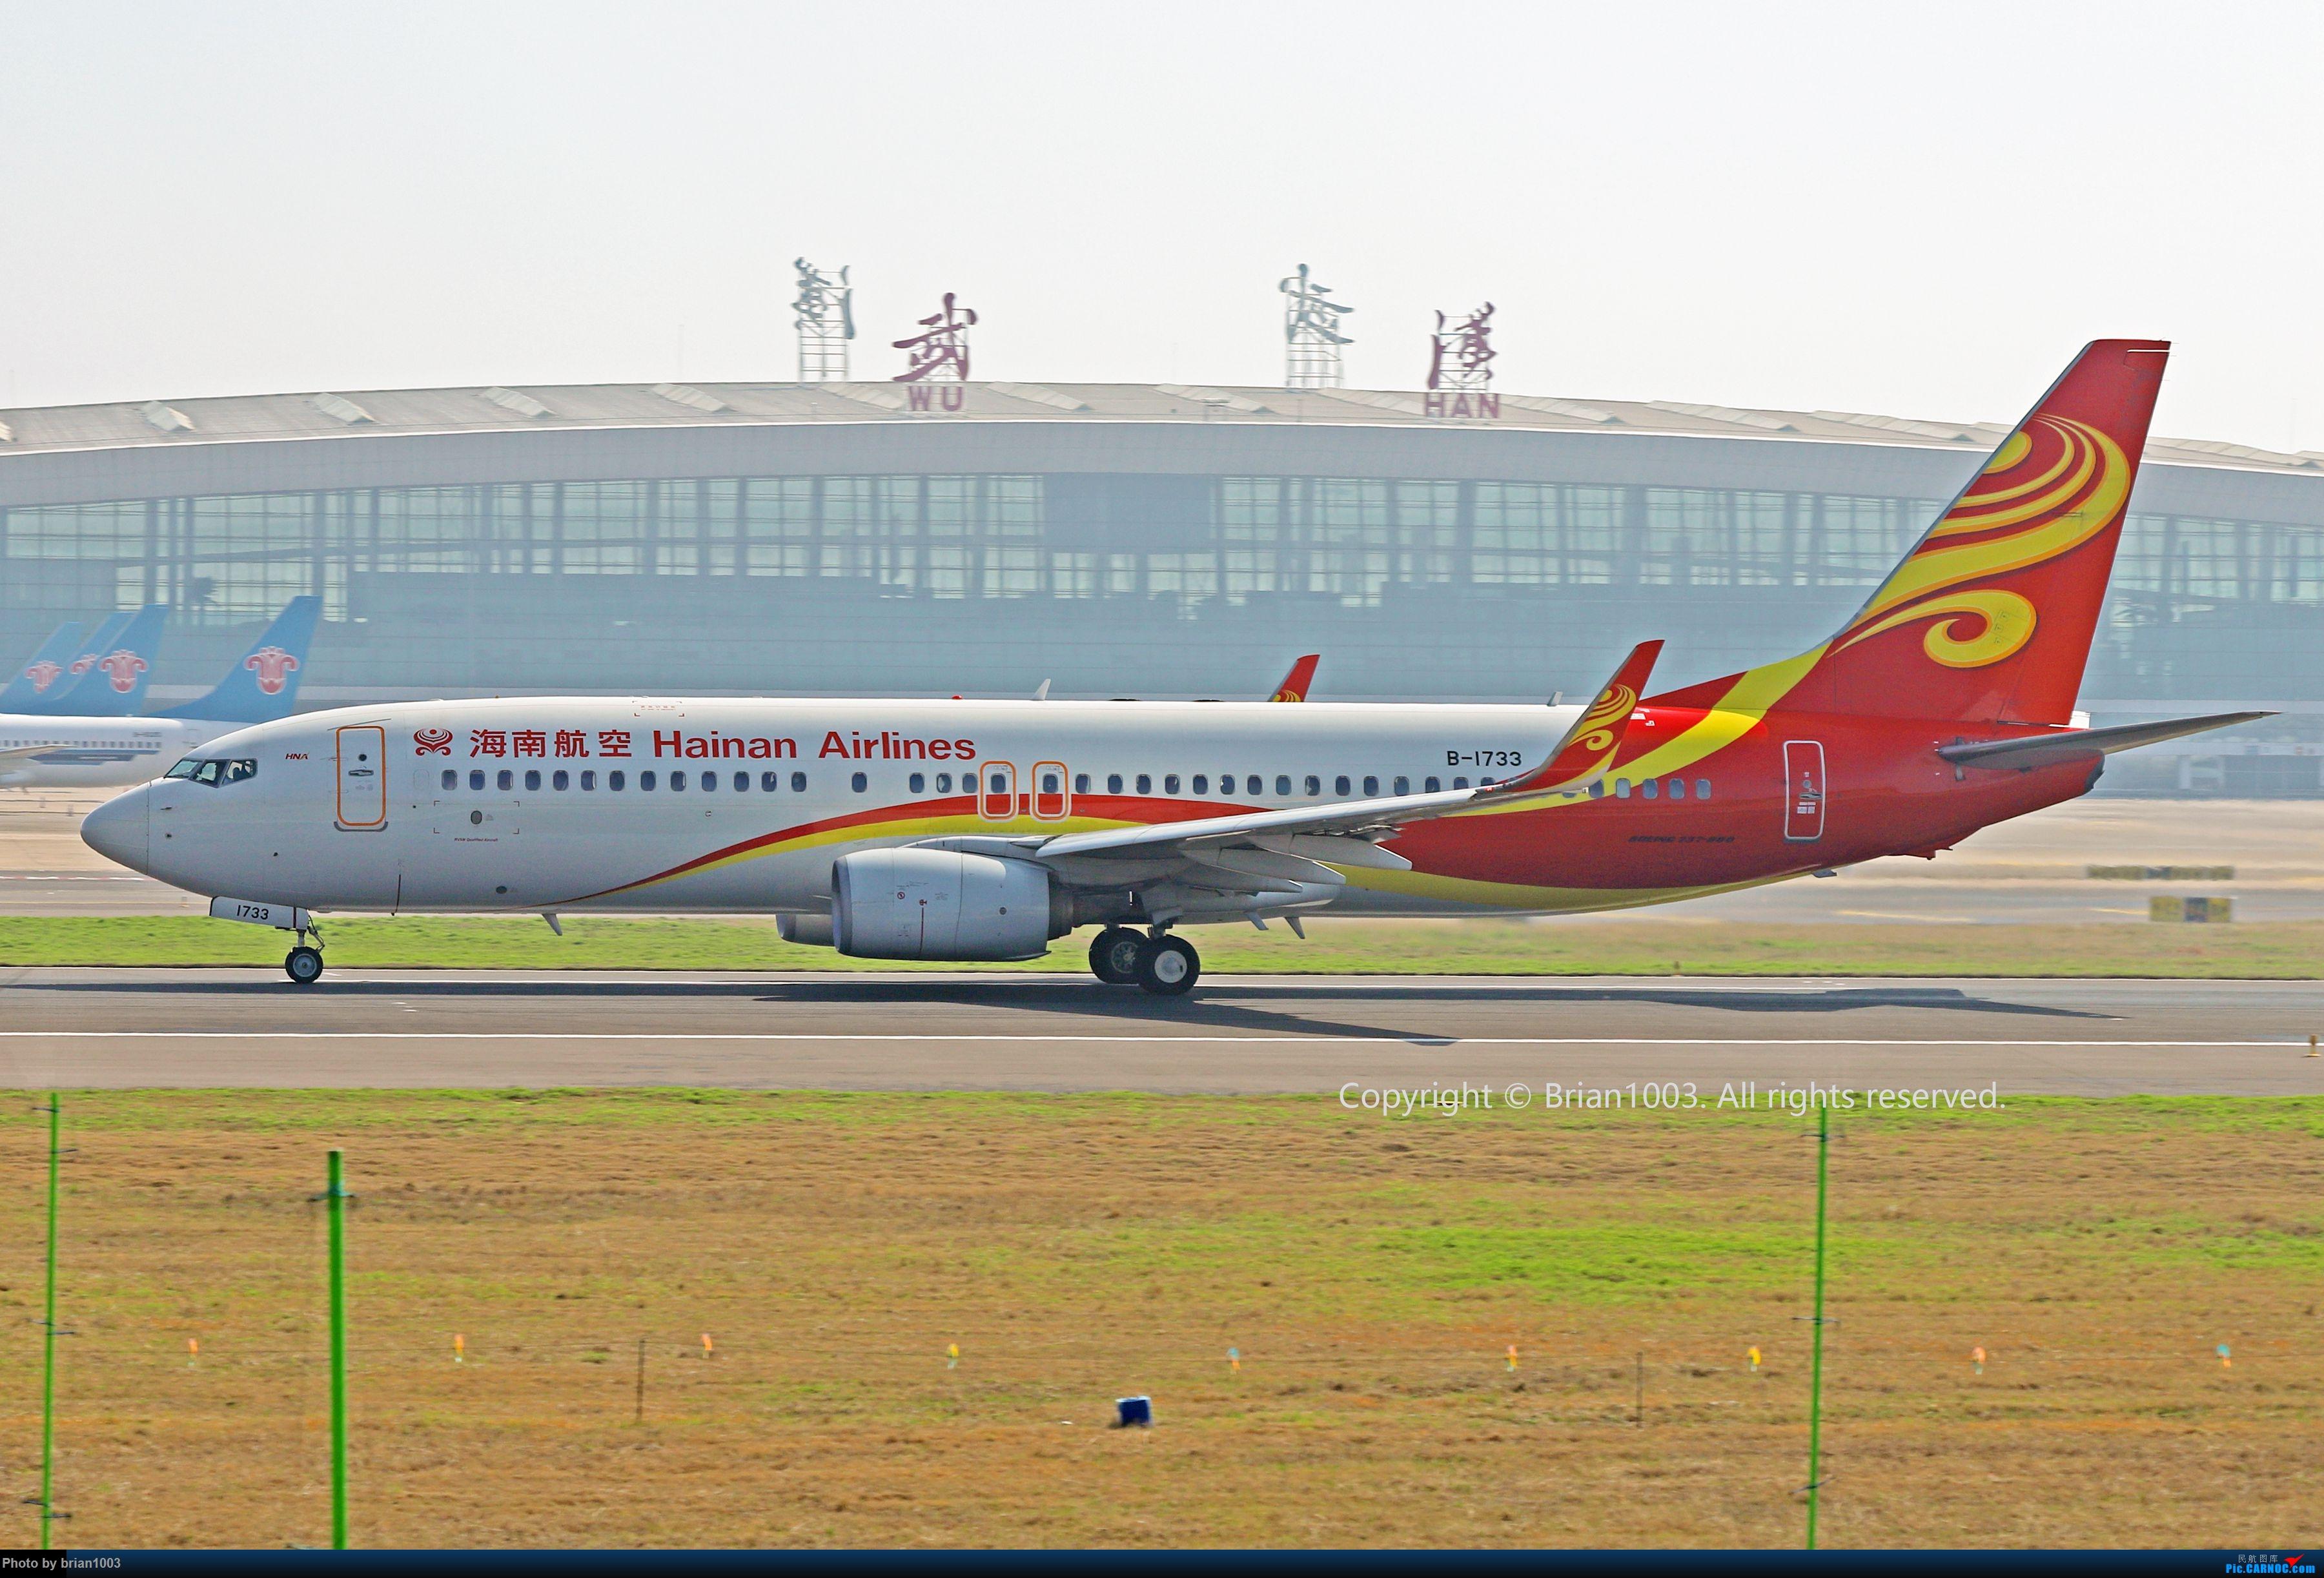 Re:[原创]WUH天河机场2021年拍机之二月 BOEING 737-800 B-1733 中国武汉天河国际机场